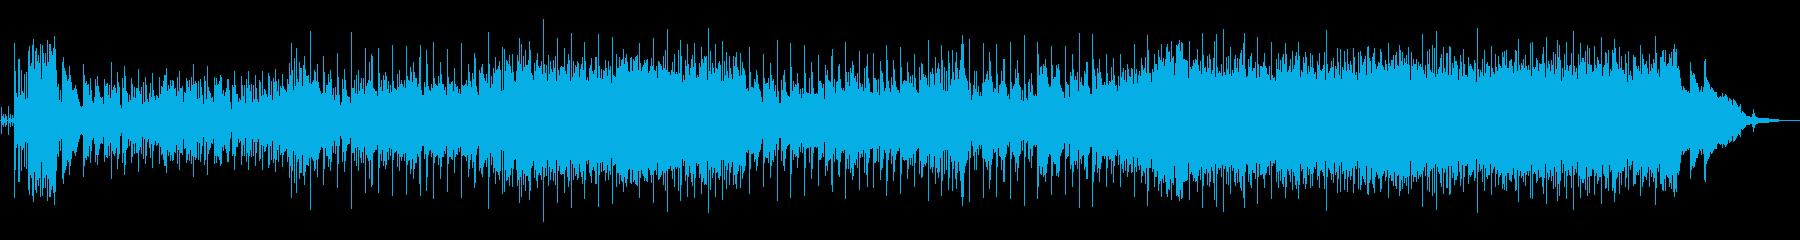 ほのぼのした雰囲気のミドルテンポポップスの再生済みの波形